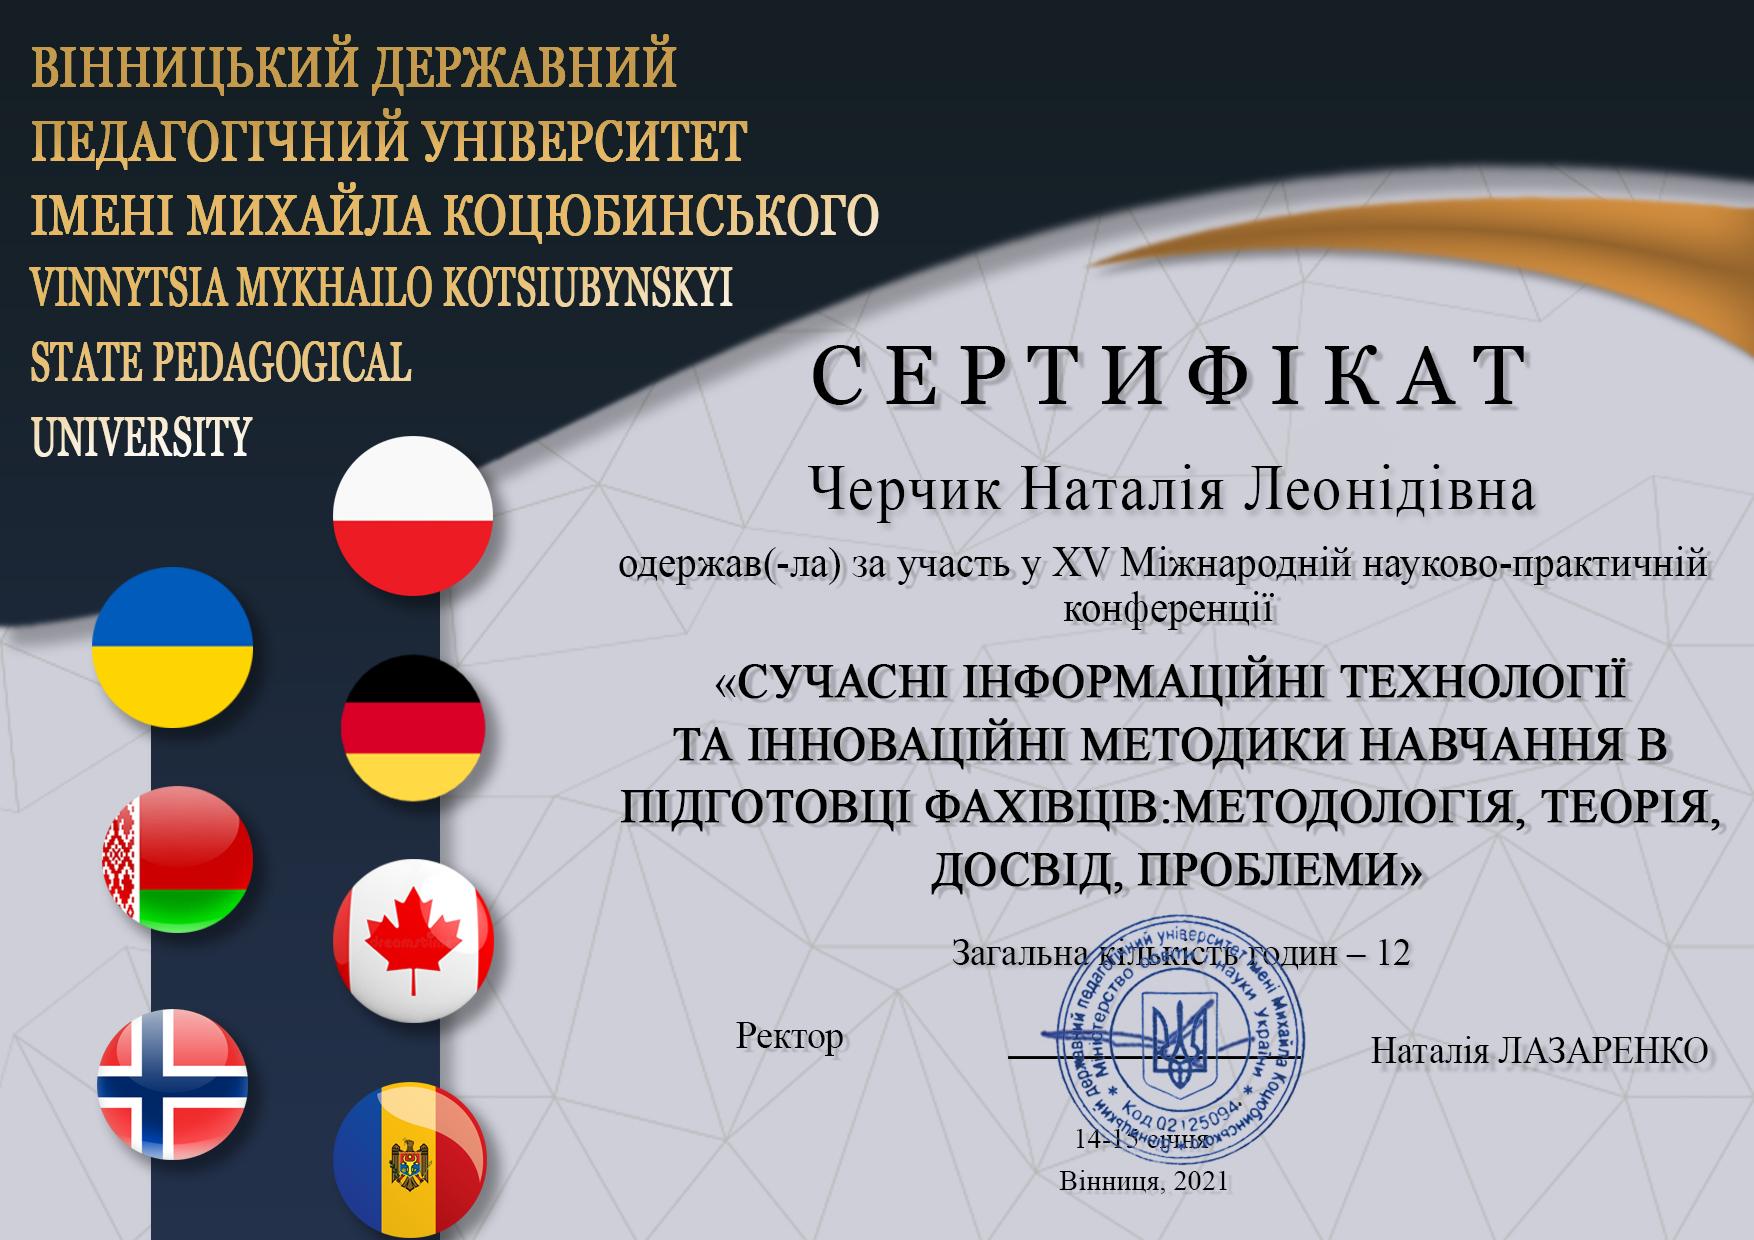 Черчик Наталія Леонідівна